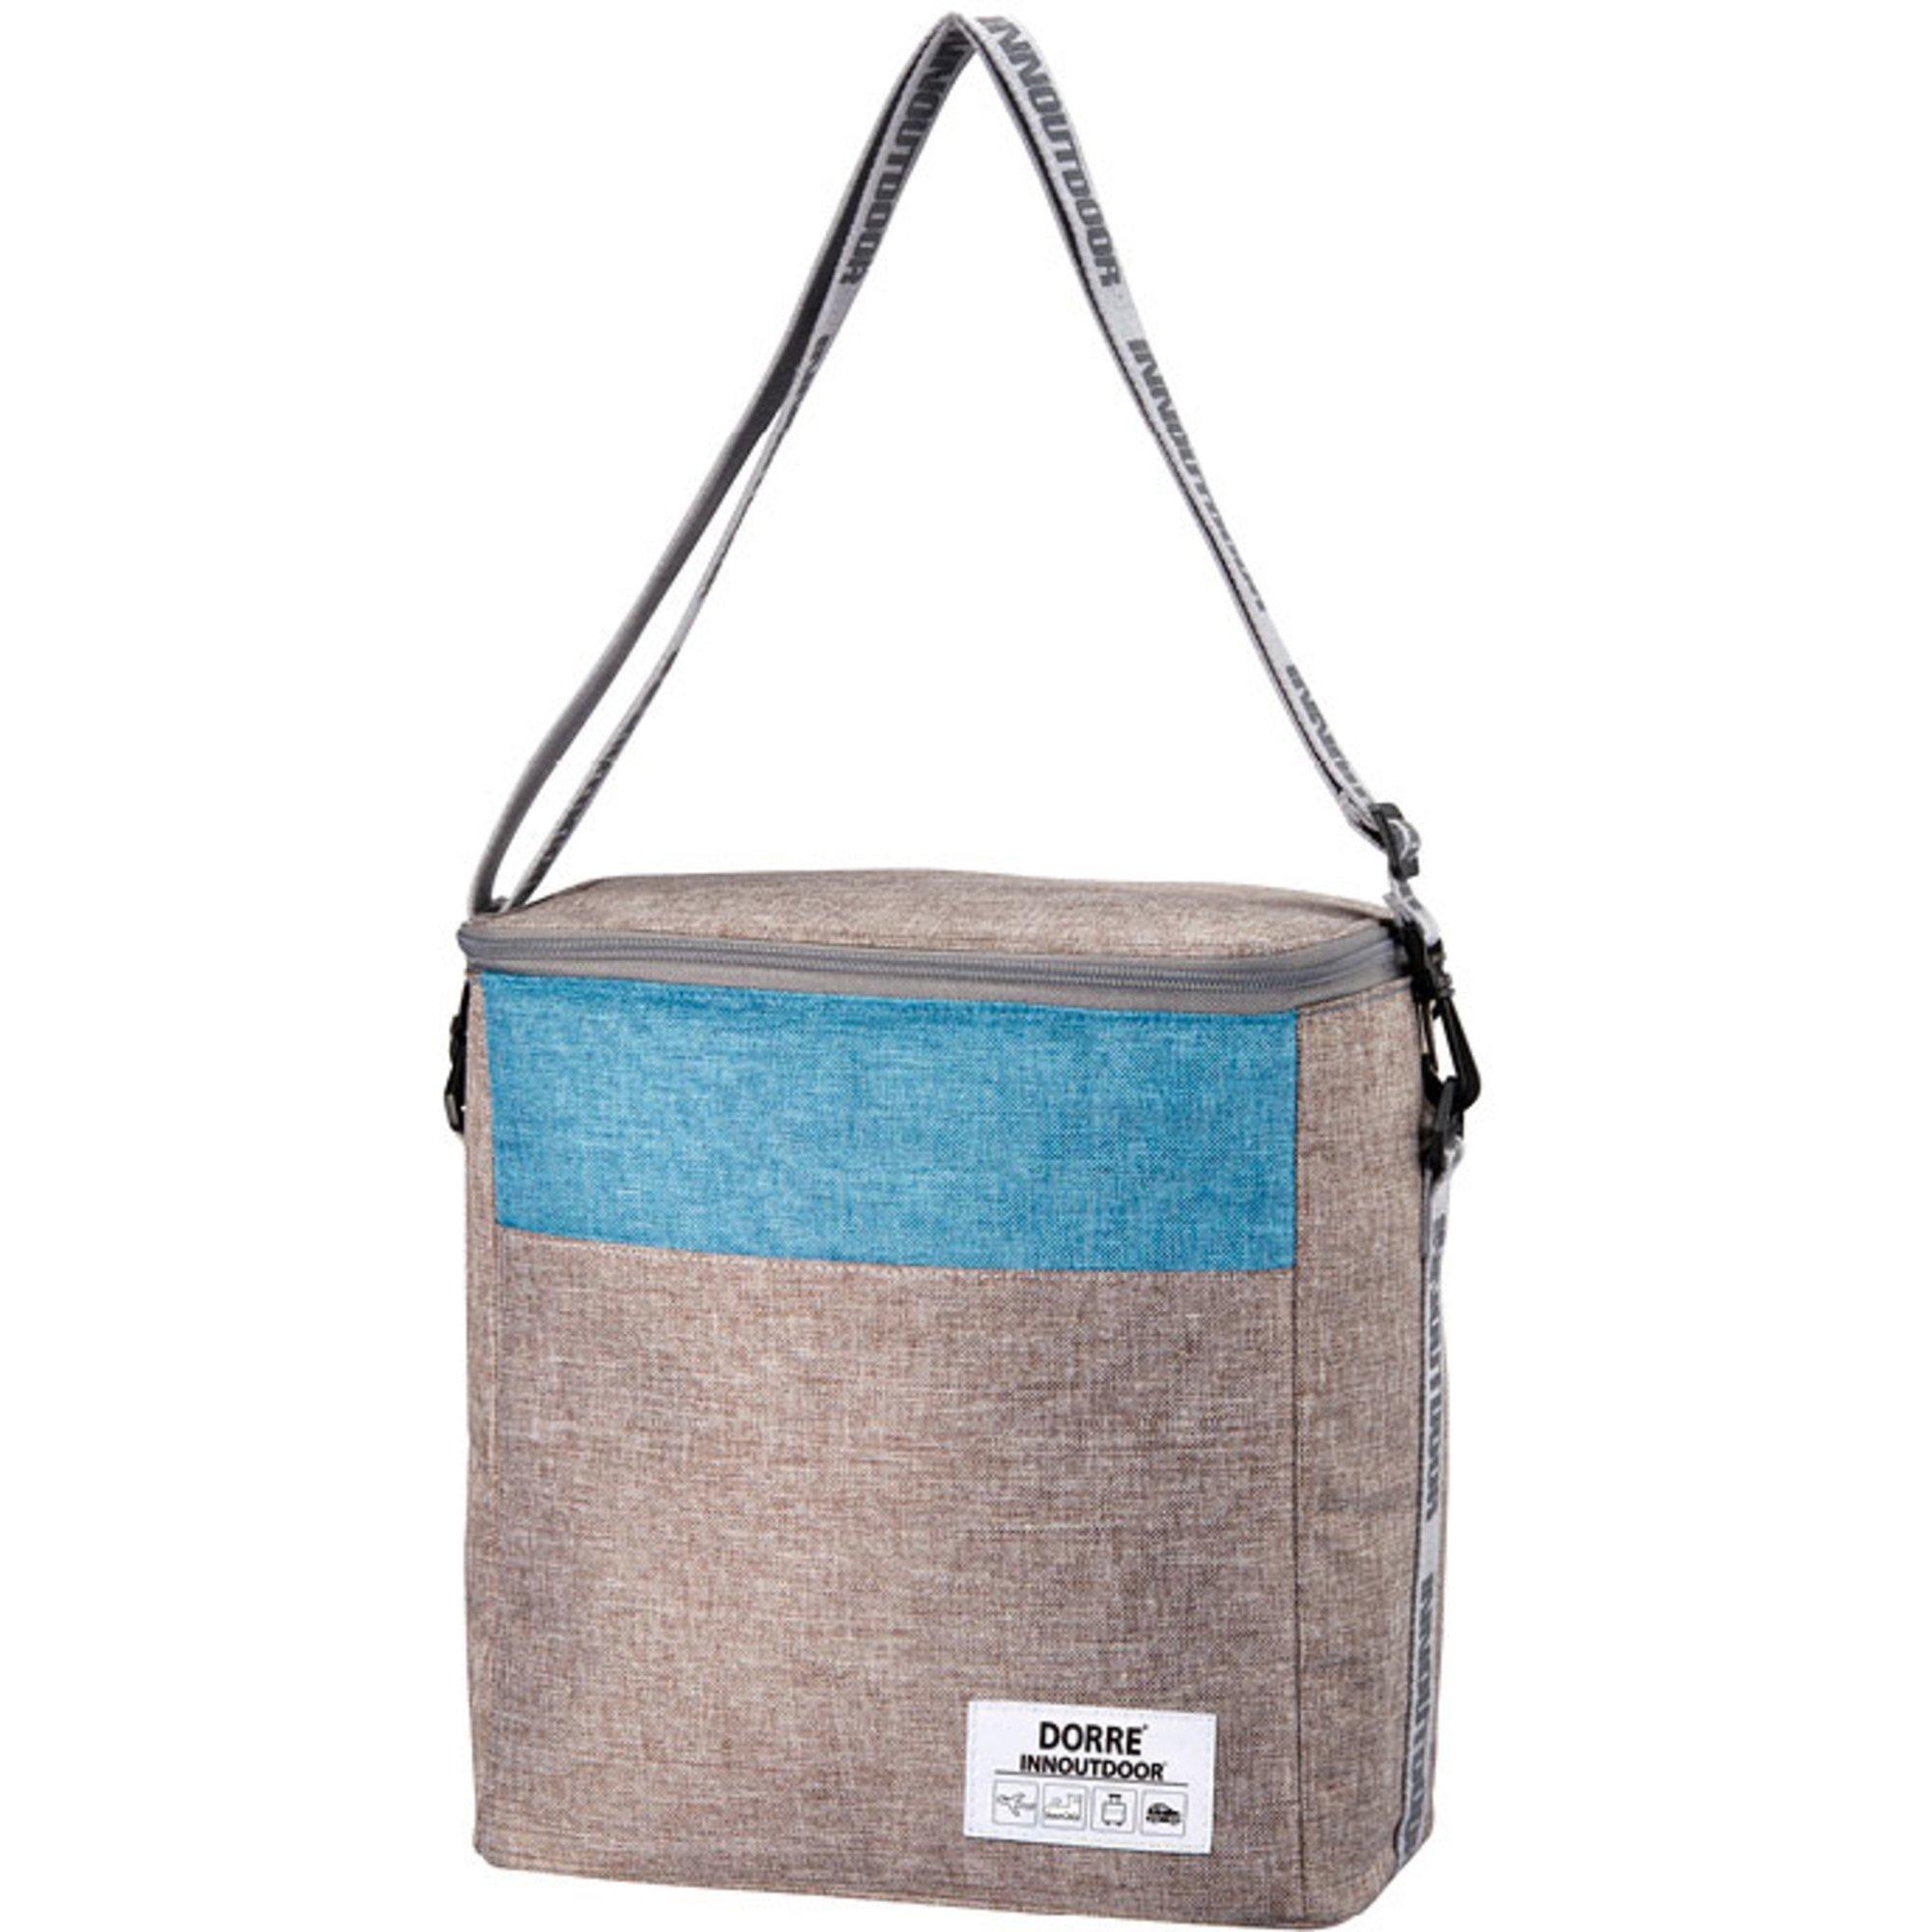 Dorre INNOUTDOOR Kyl/strandväska i grått 16 liter